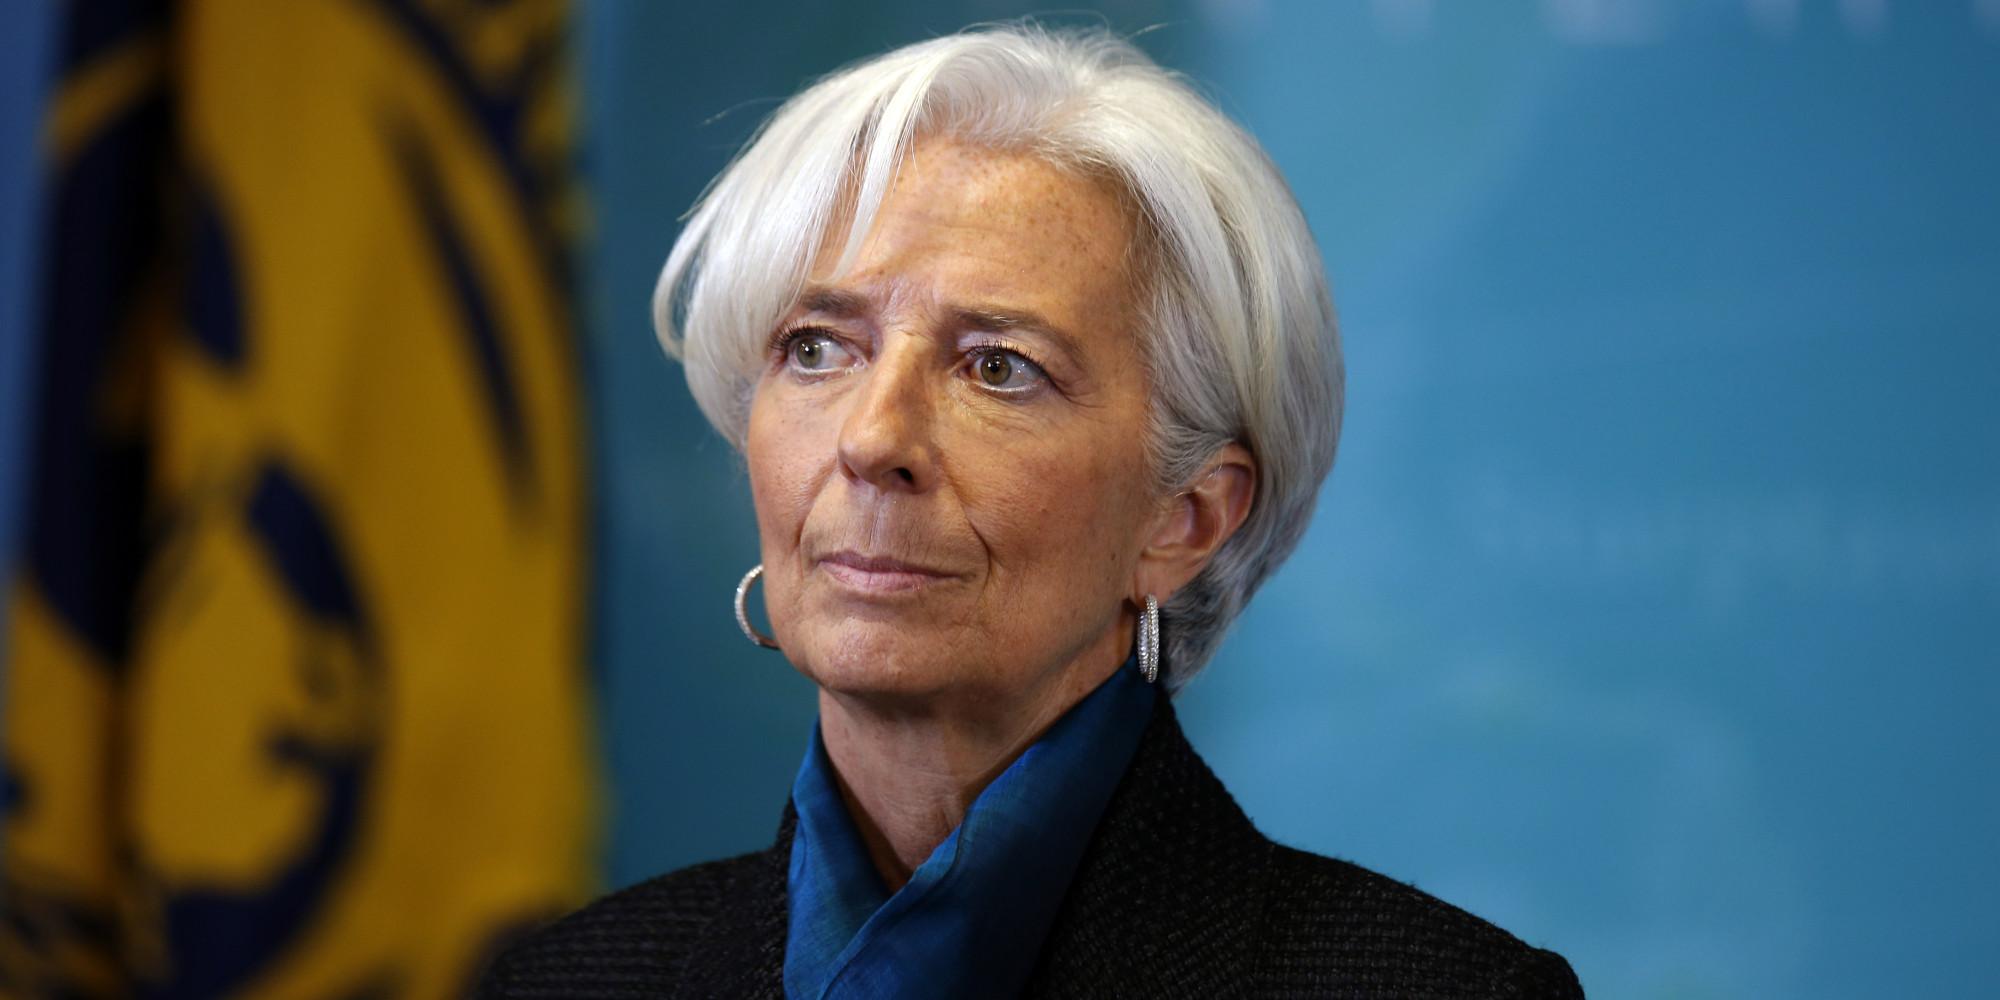 Para Lagarde, el crecimiento global será decepcionante durante 2016